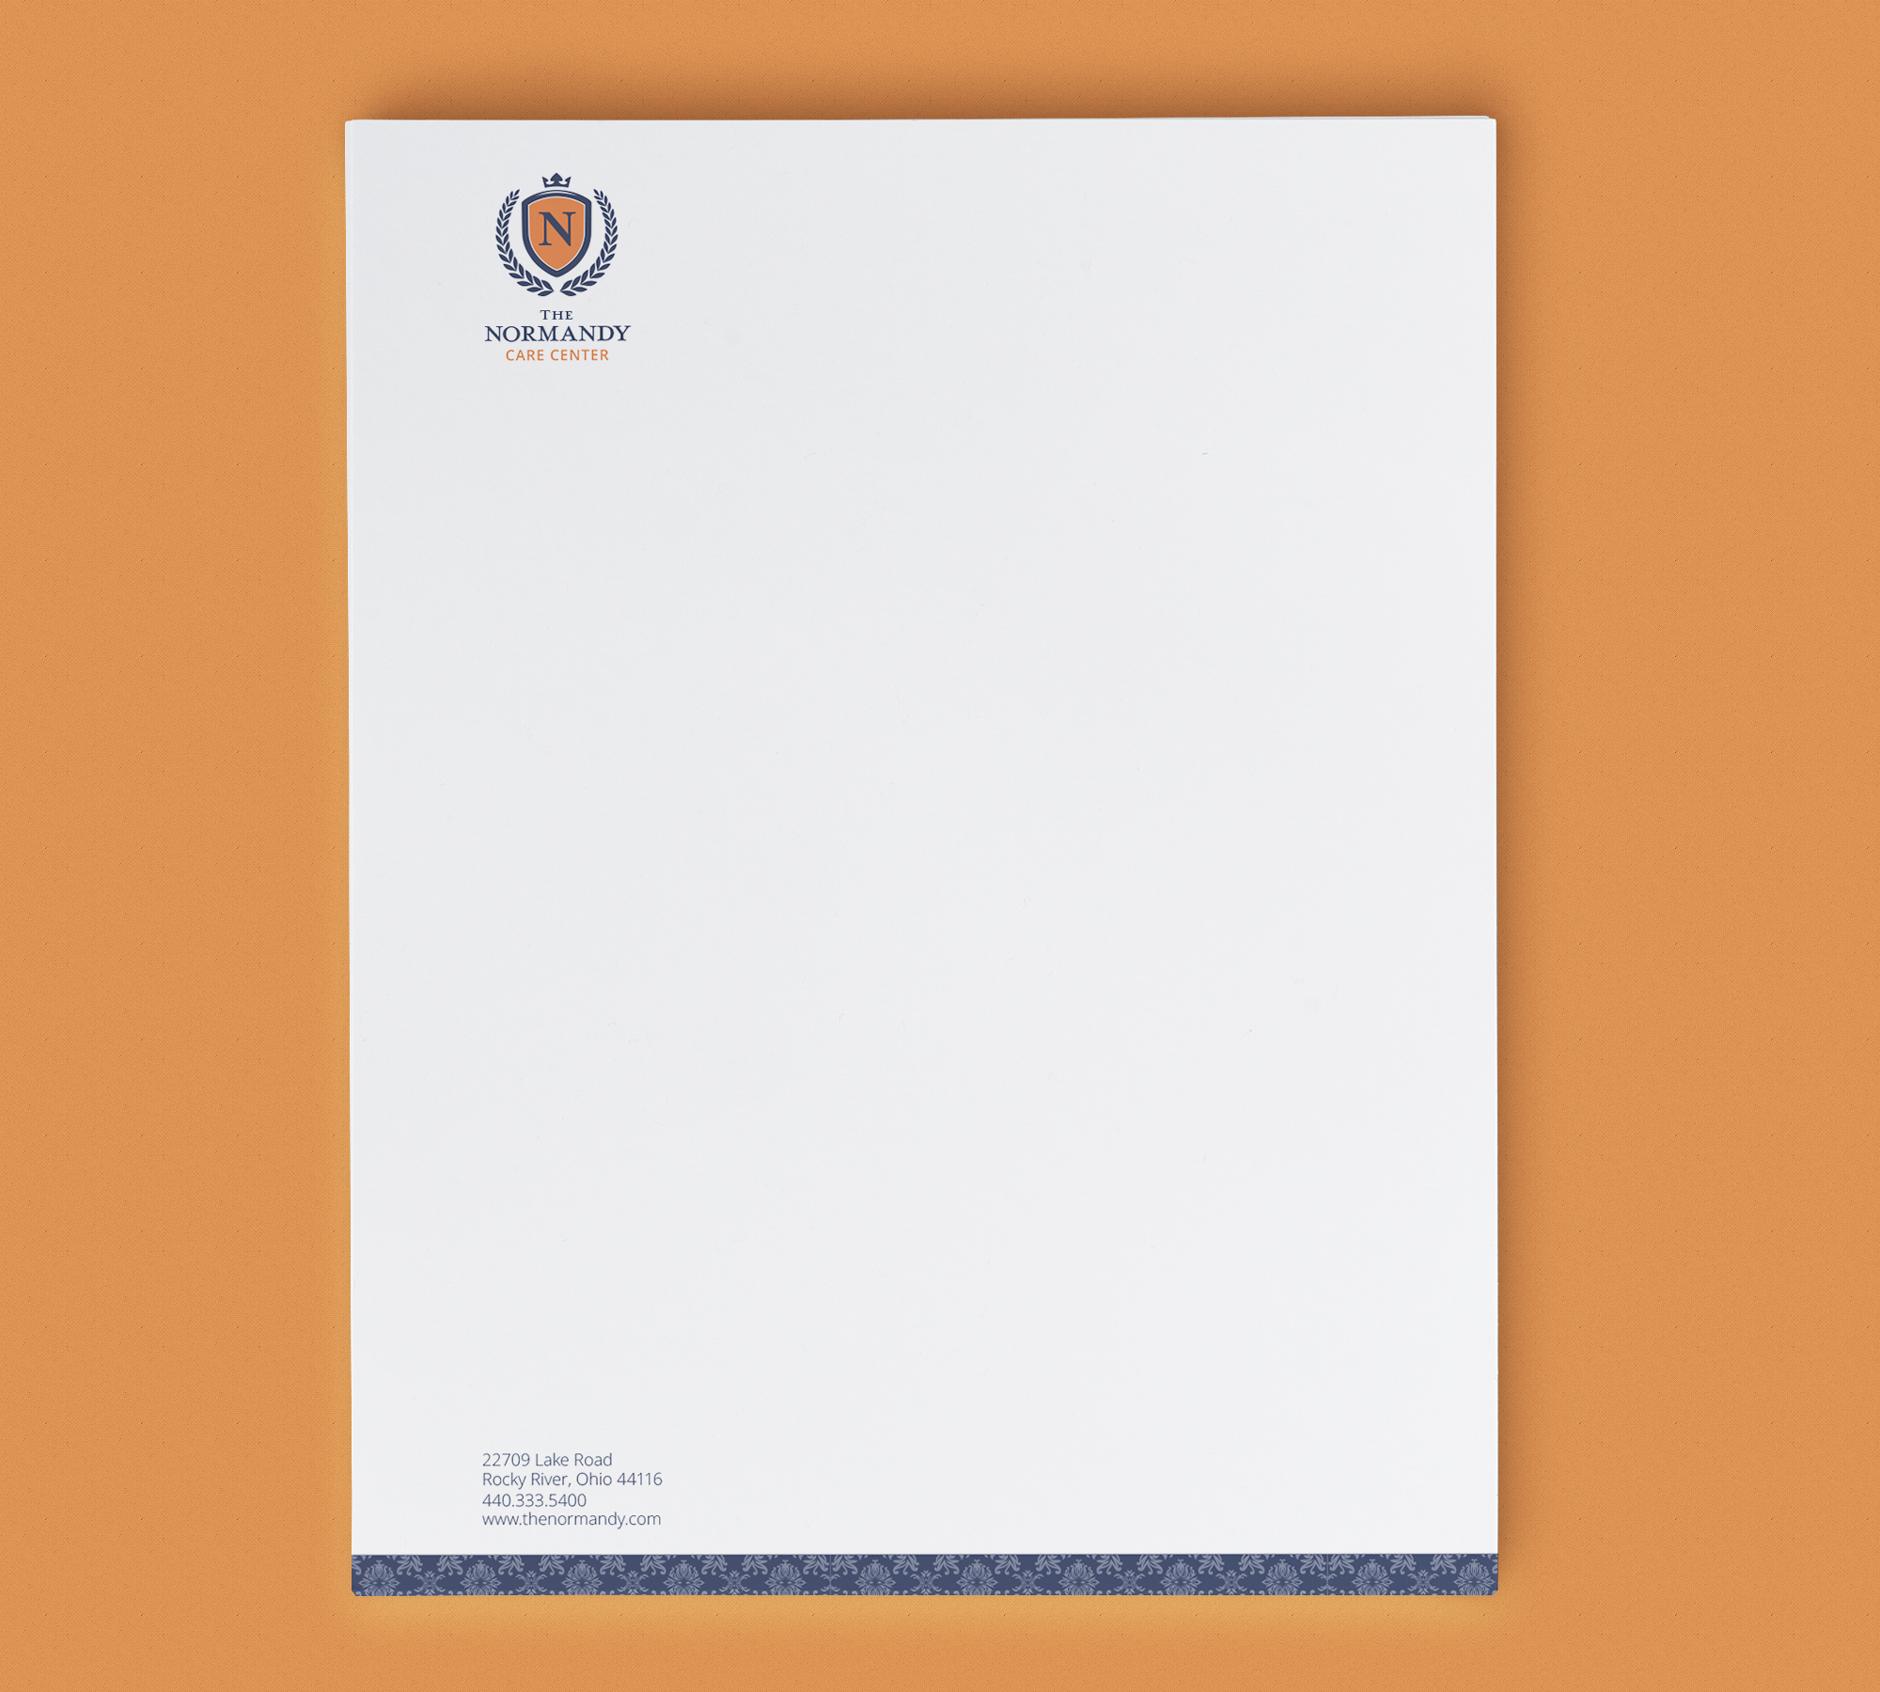 The Normandy Care Center Letterhead | Rebranding Agency